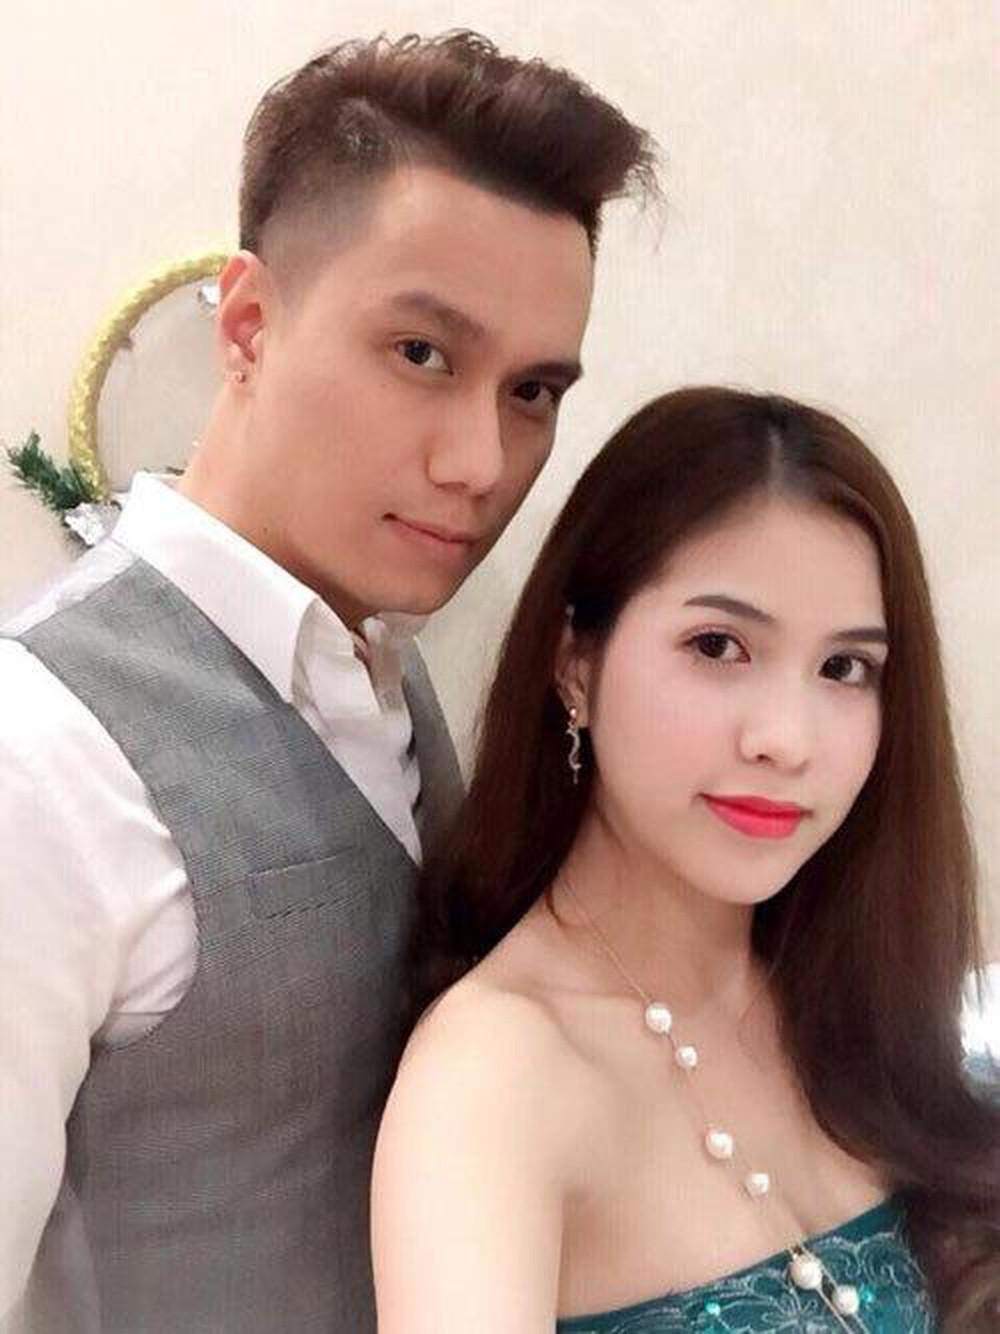 Sau khi xóa dòng trạng thái phẫn nộ, vợ cũ Việt Anh tiếp tục ám chỉ từng bị lừa dối-2